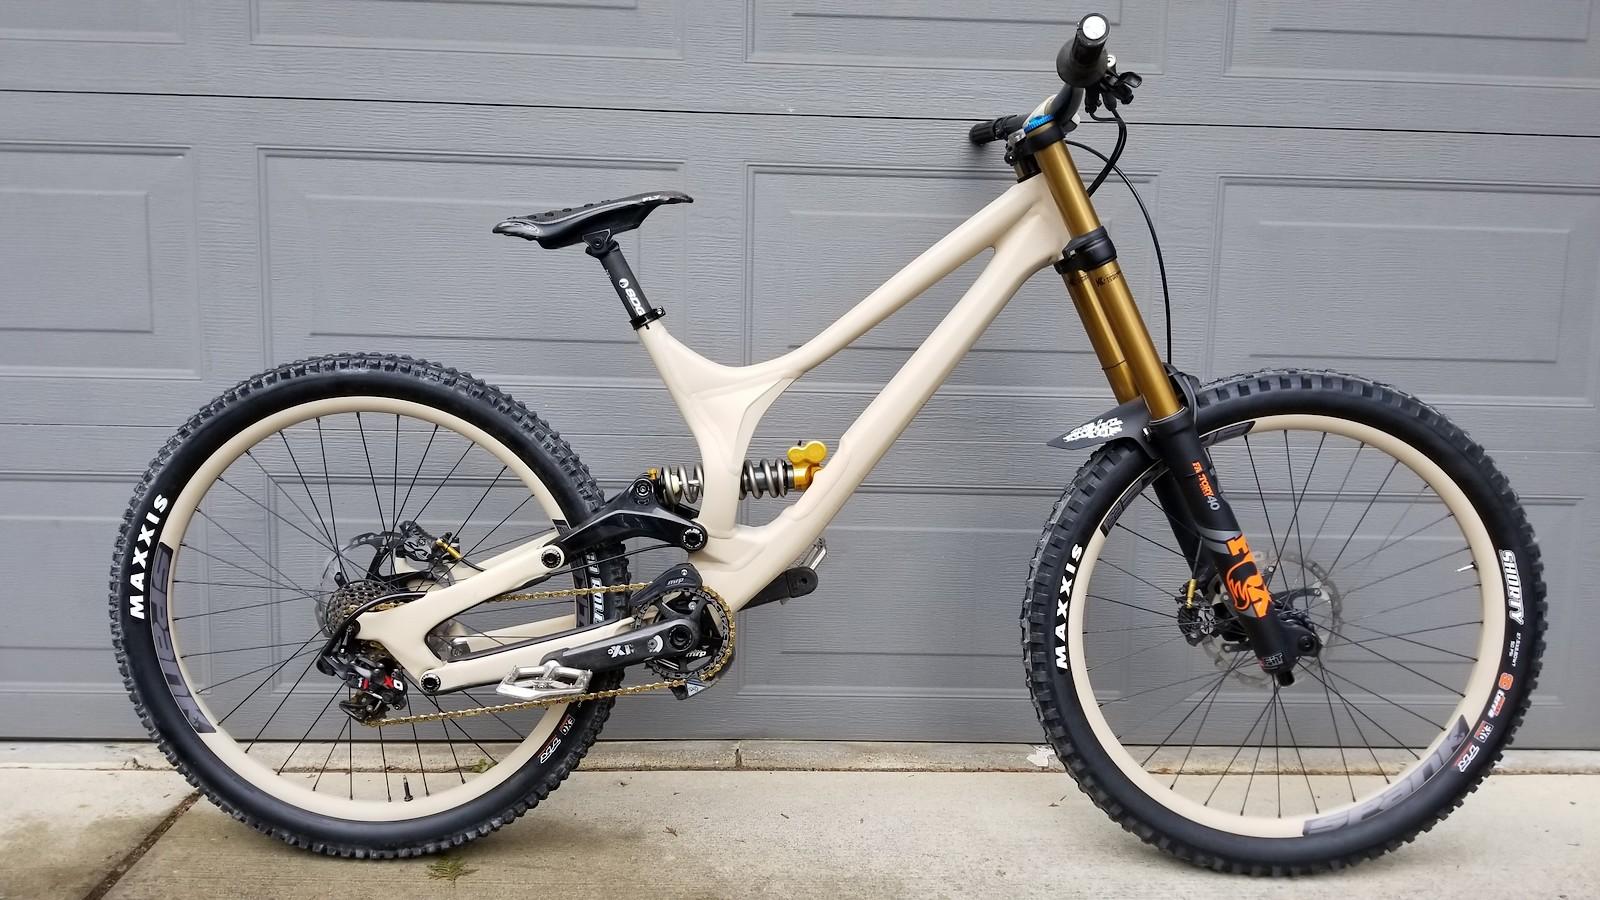 2018 demo 8 desert eagle brad delzer 9s bike check